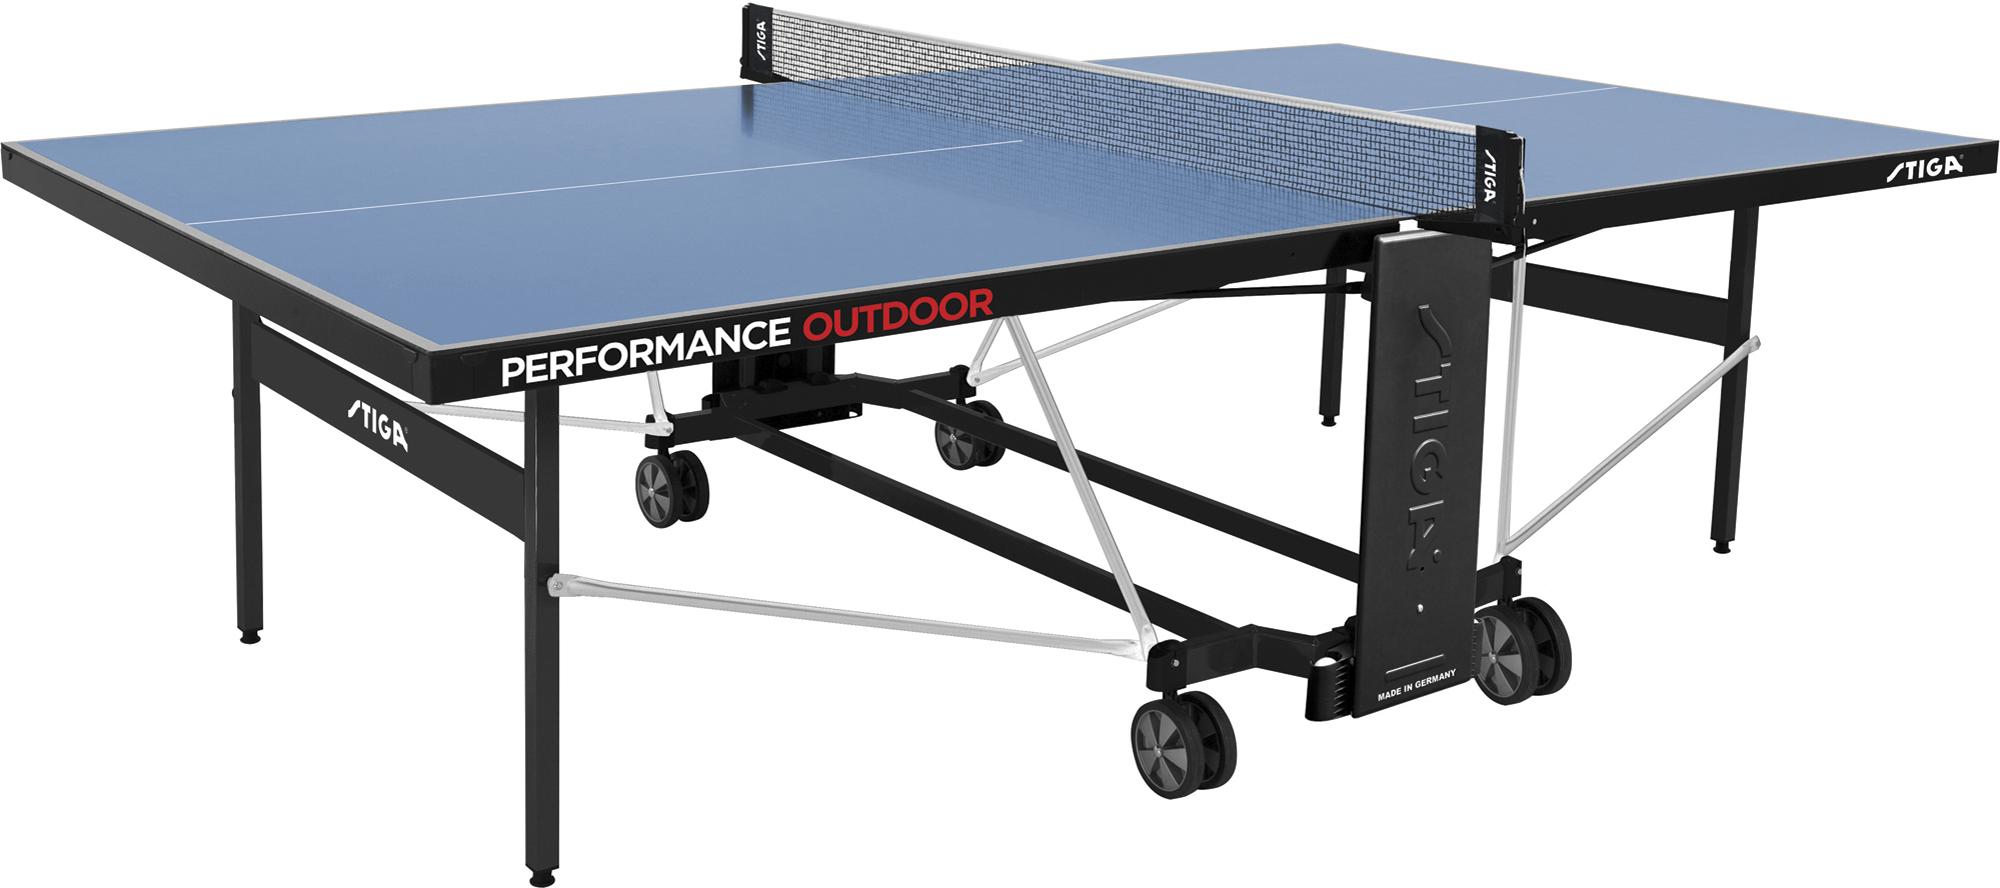 Stiga Теннисный стол всепогодный Performance Outdoor CS